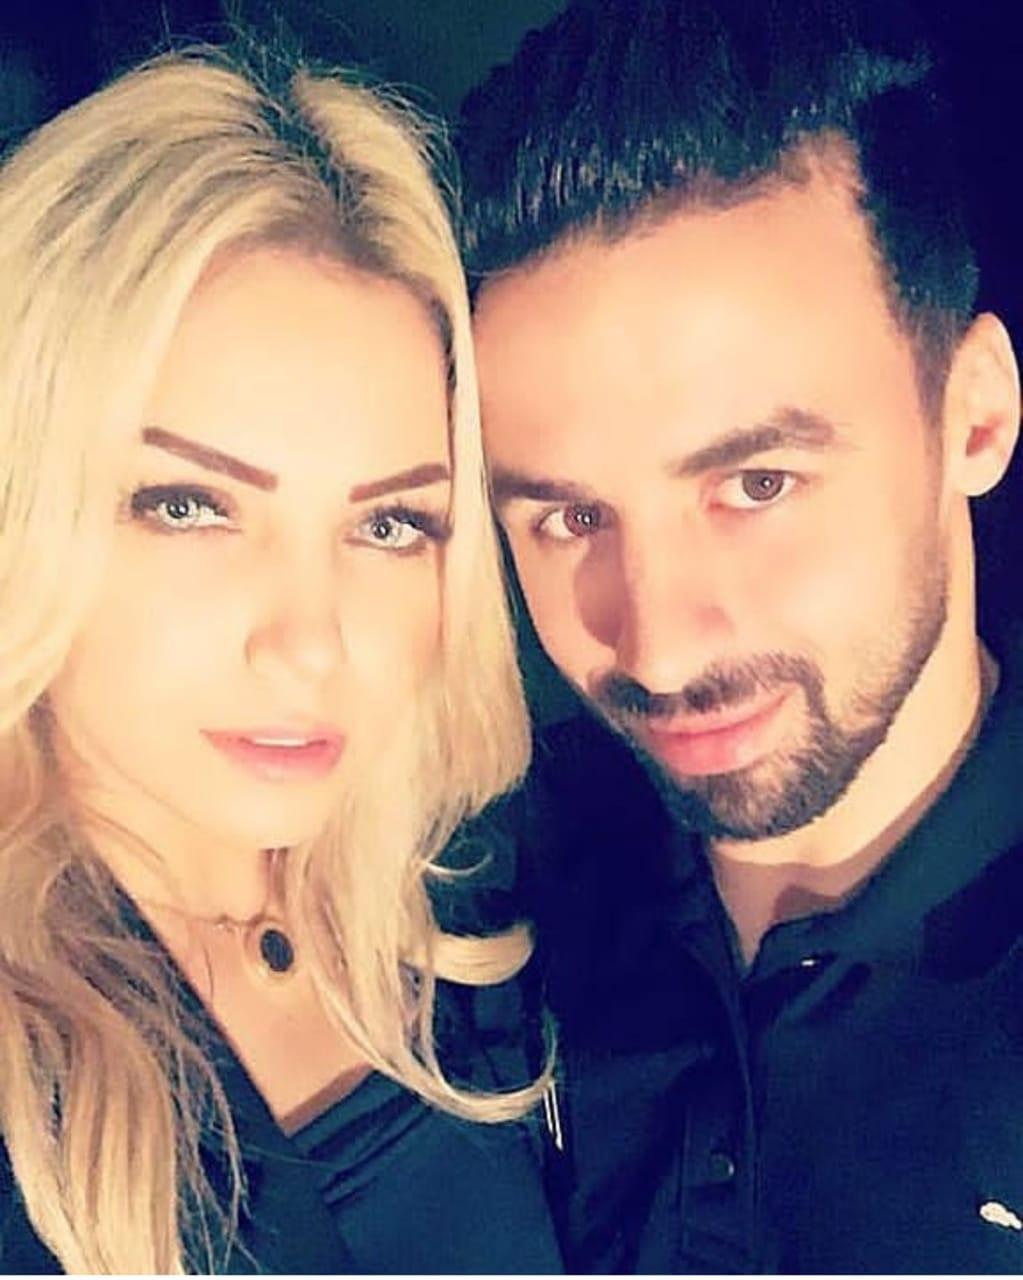 أحمد شديد قناوى و زوجته أية فى صورة سيلفى